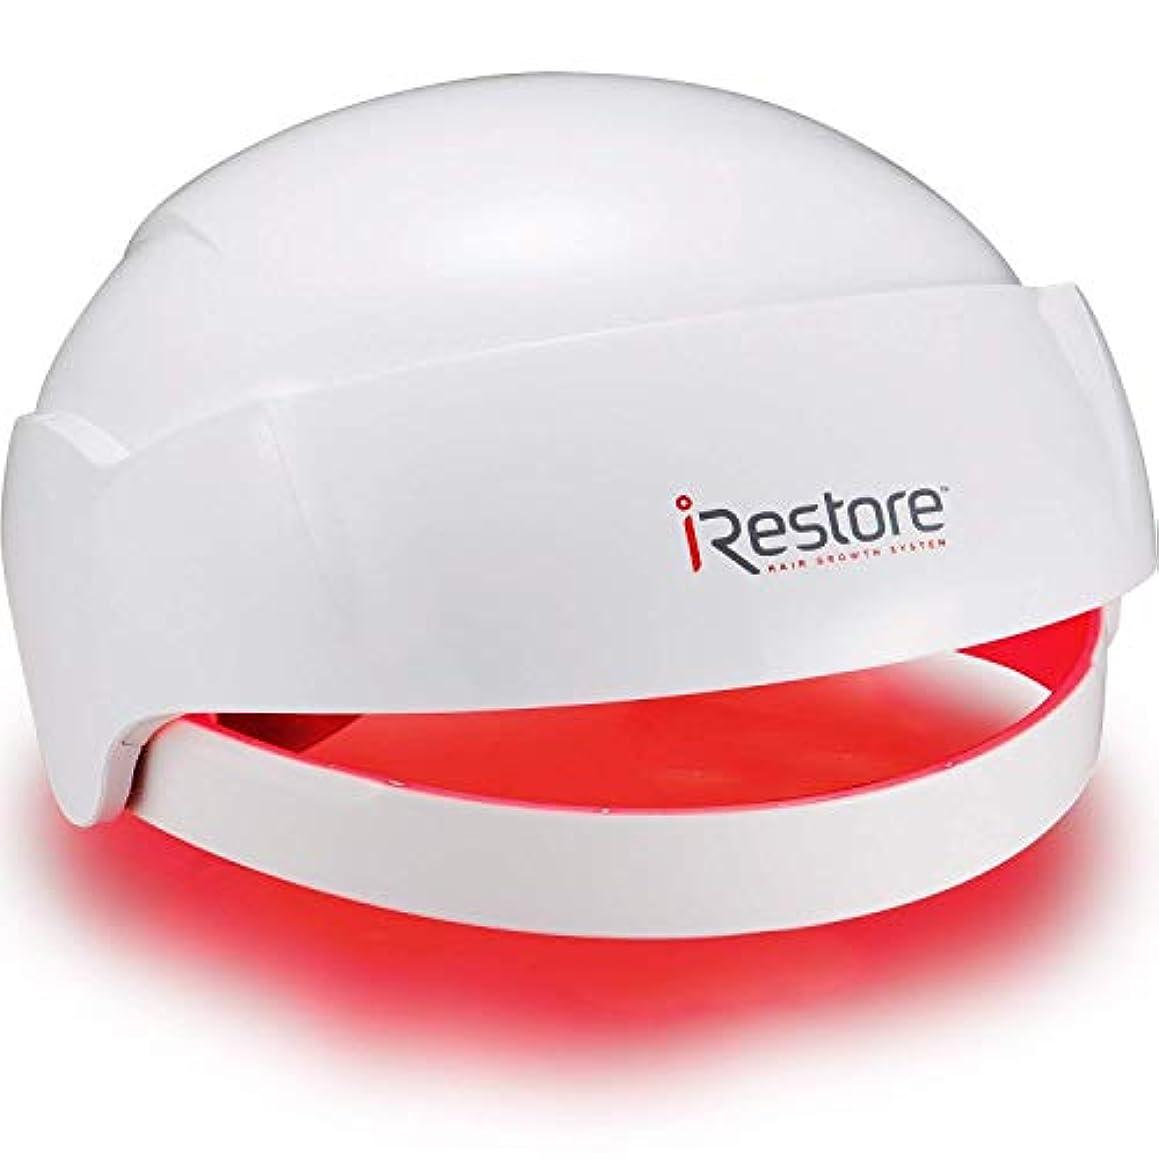 自発的カリキュラムブランド[iRestore] [iRestore Laser Hair Growth System - FDA Cleared for Men and Women - Female & Male Hair Loss Treatments...